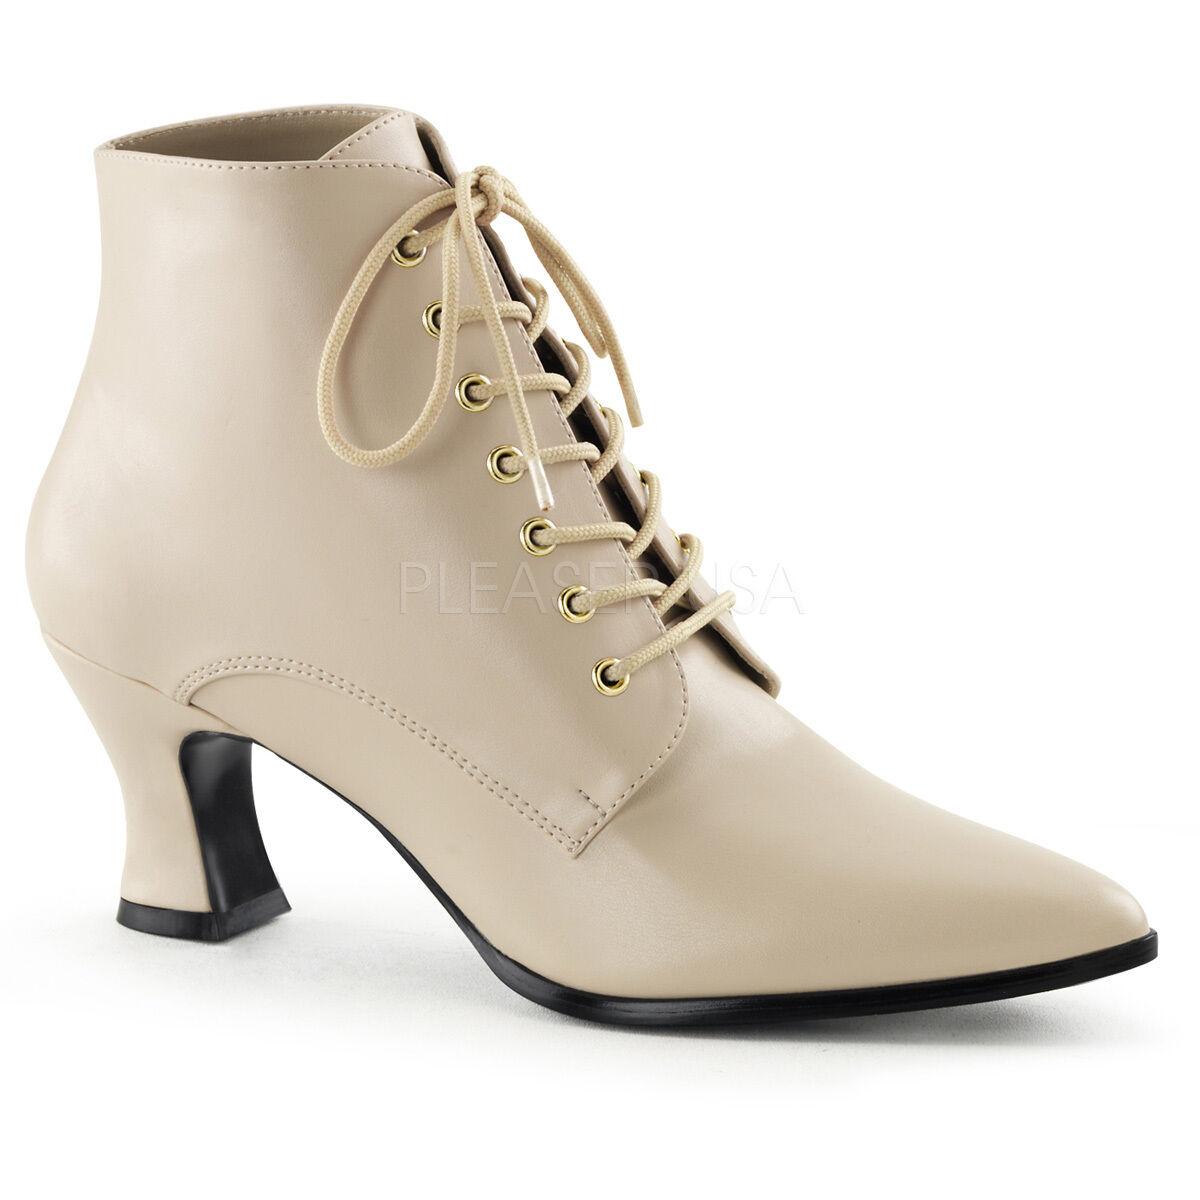 PLEASER FUNTASMA Victorian-35 PU Fancy Fancy Fancy Dress Kitten Heel Lace-Up Ankle Stiefel f3e339